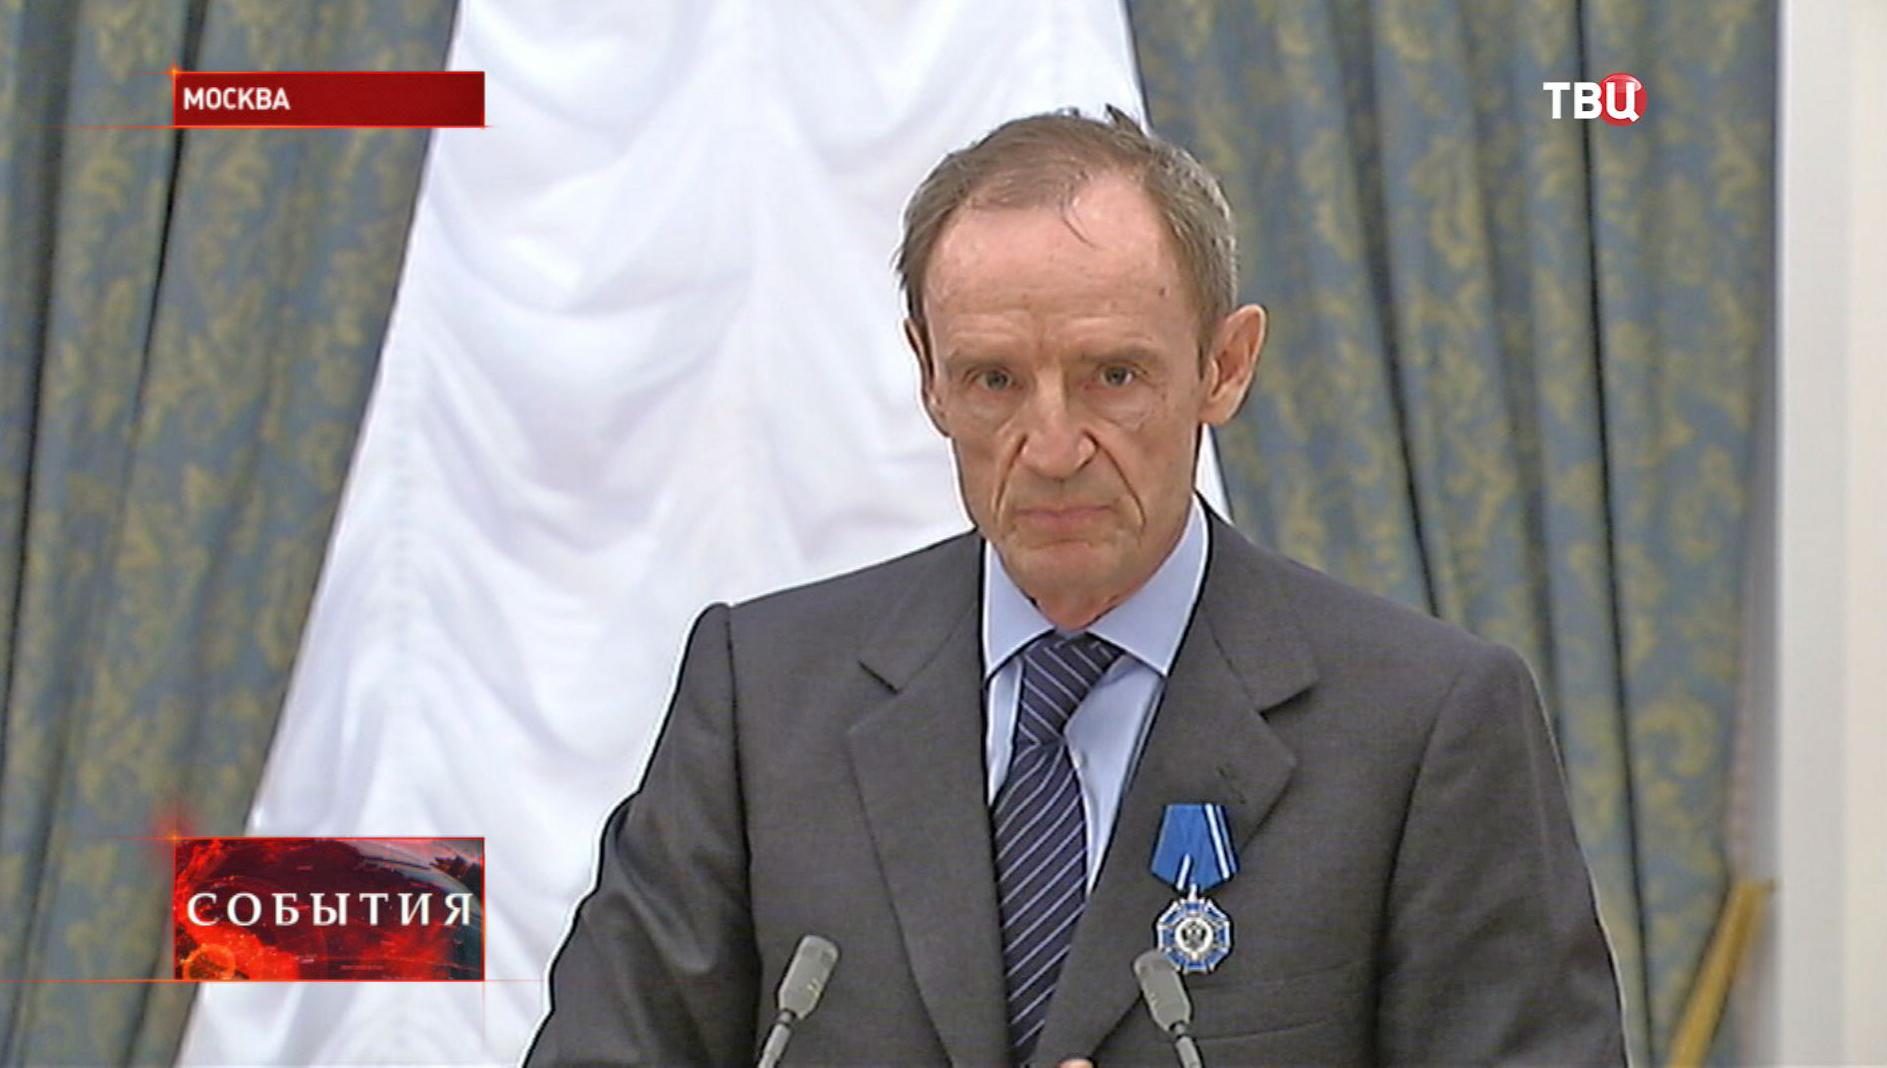 Председатель Координационный комиссии МОК Жан-Клод Килли